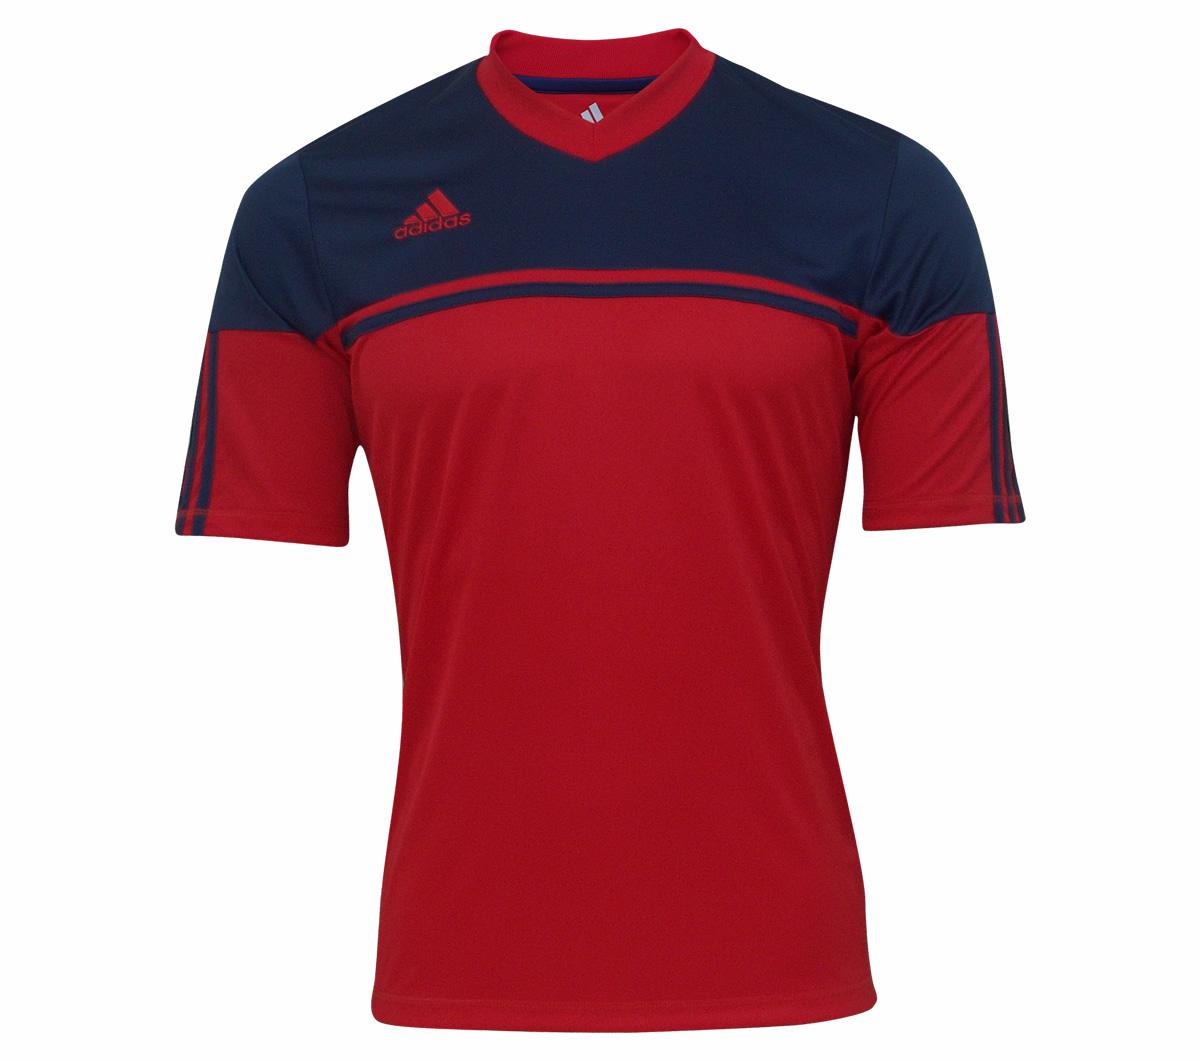 Camisa Adidas Autheno 12 Vermelha e Marinho